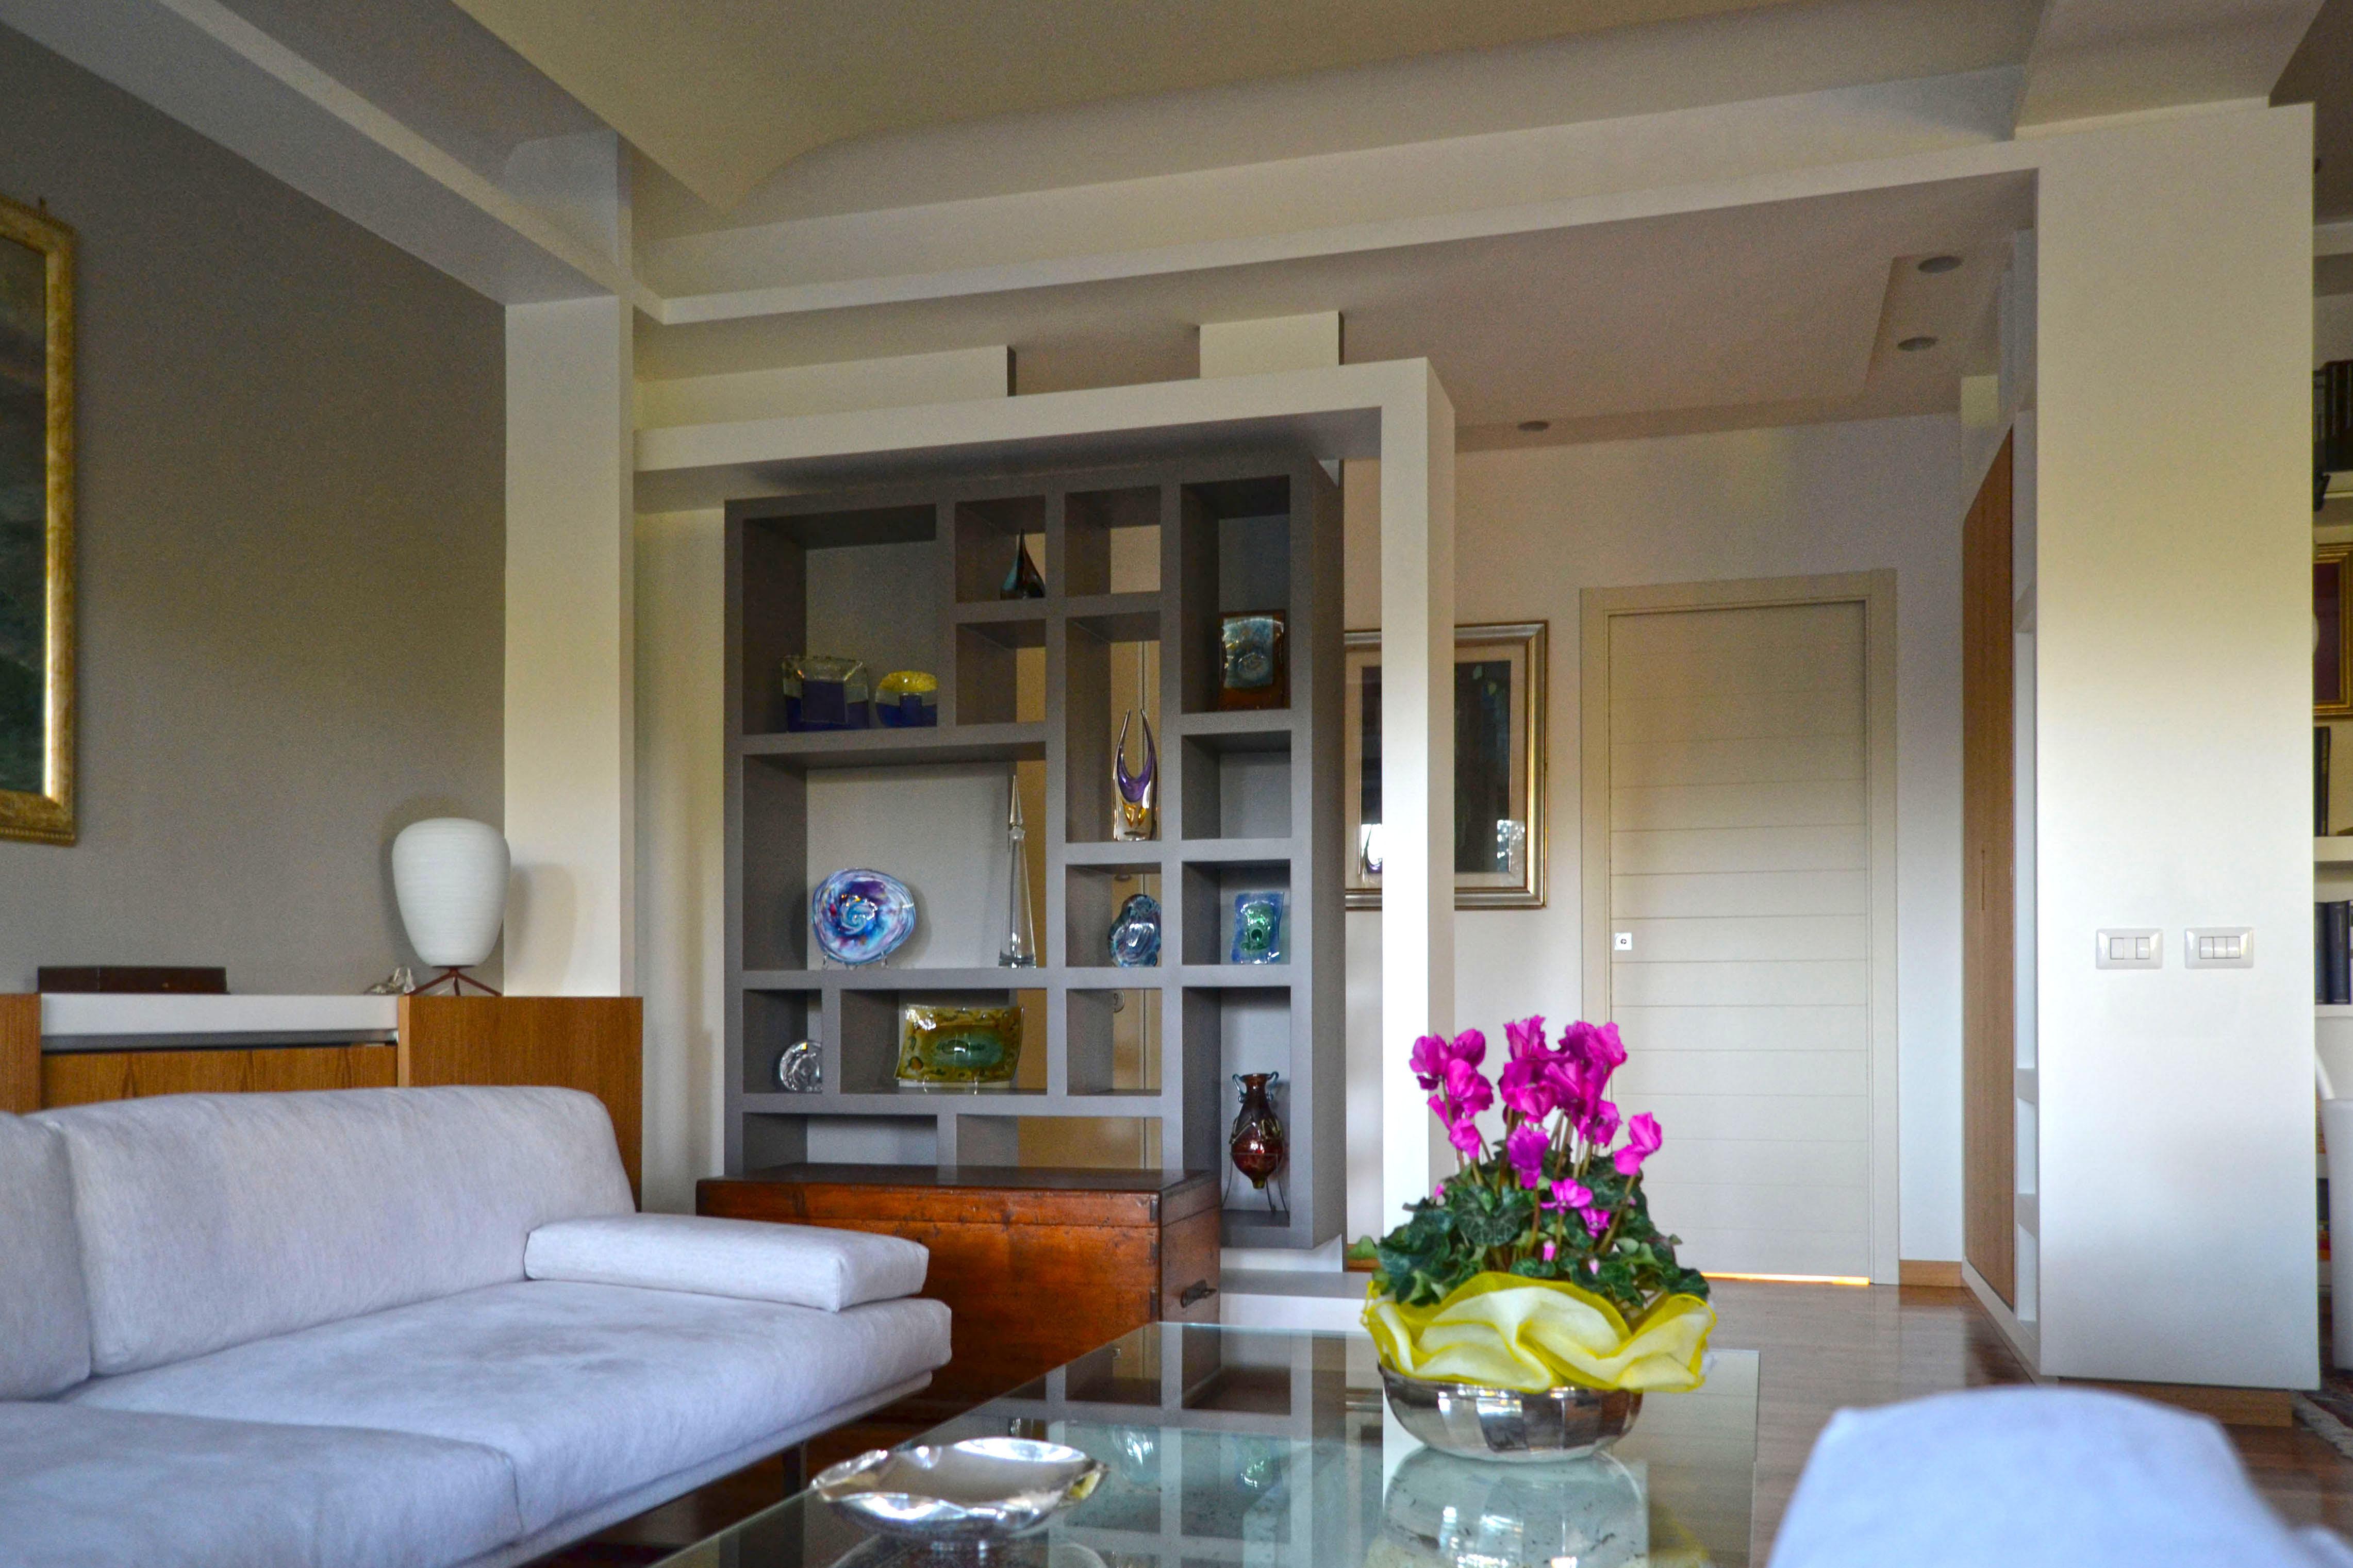 fotografia del filtro/libreria che definisce l'ingresso, Geometria e luce sono gli attori principali.